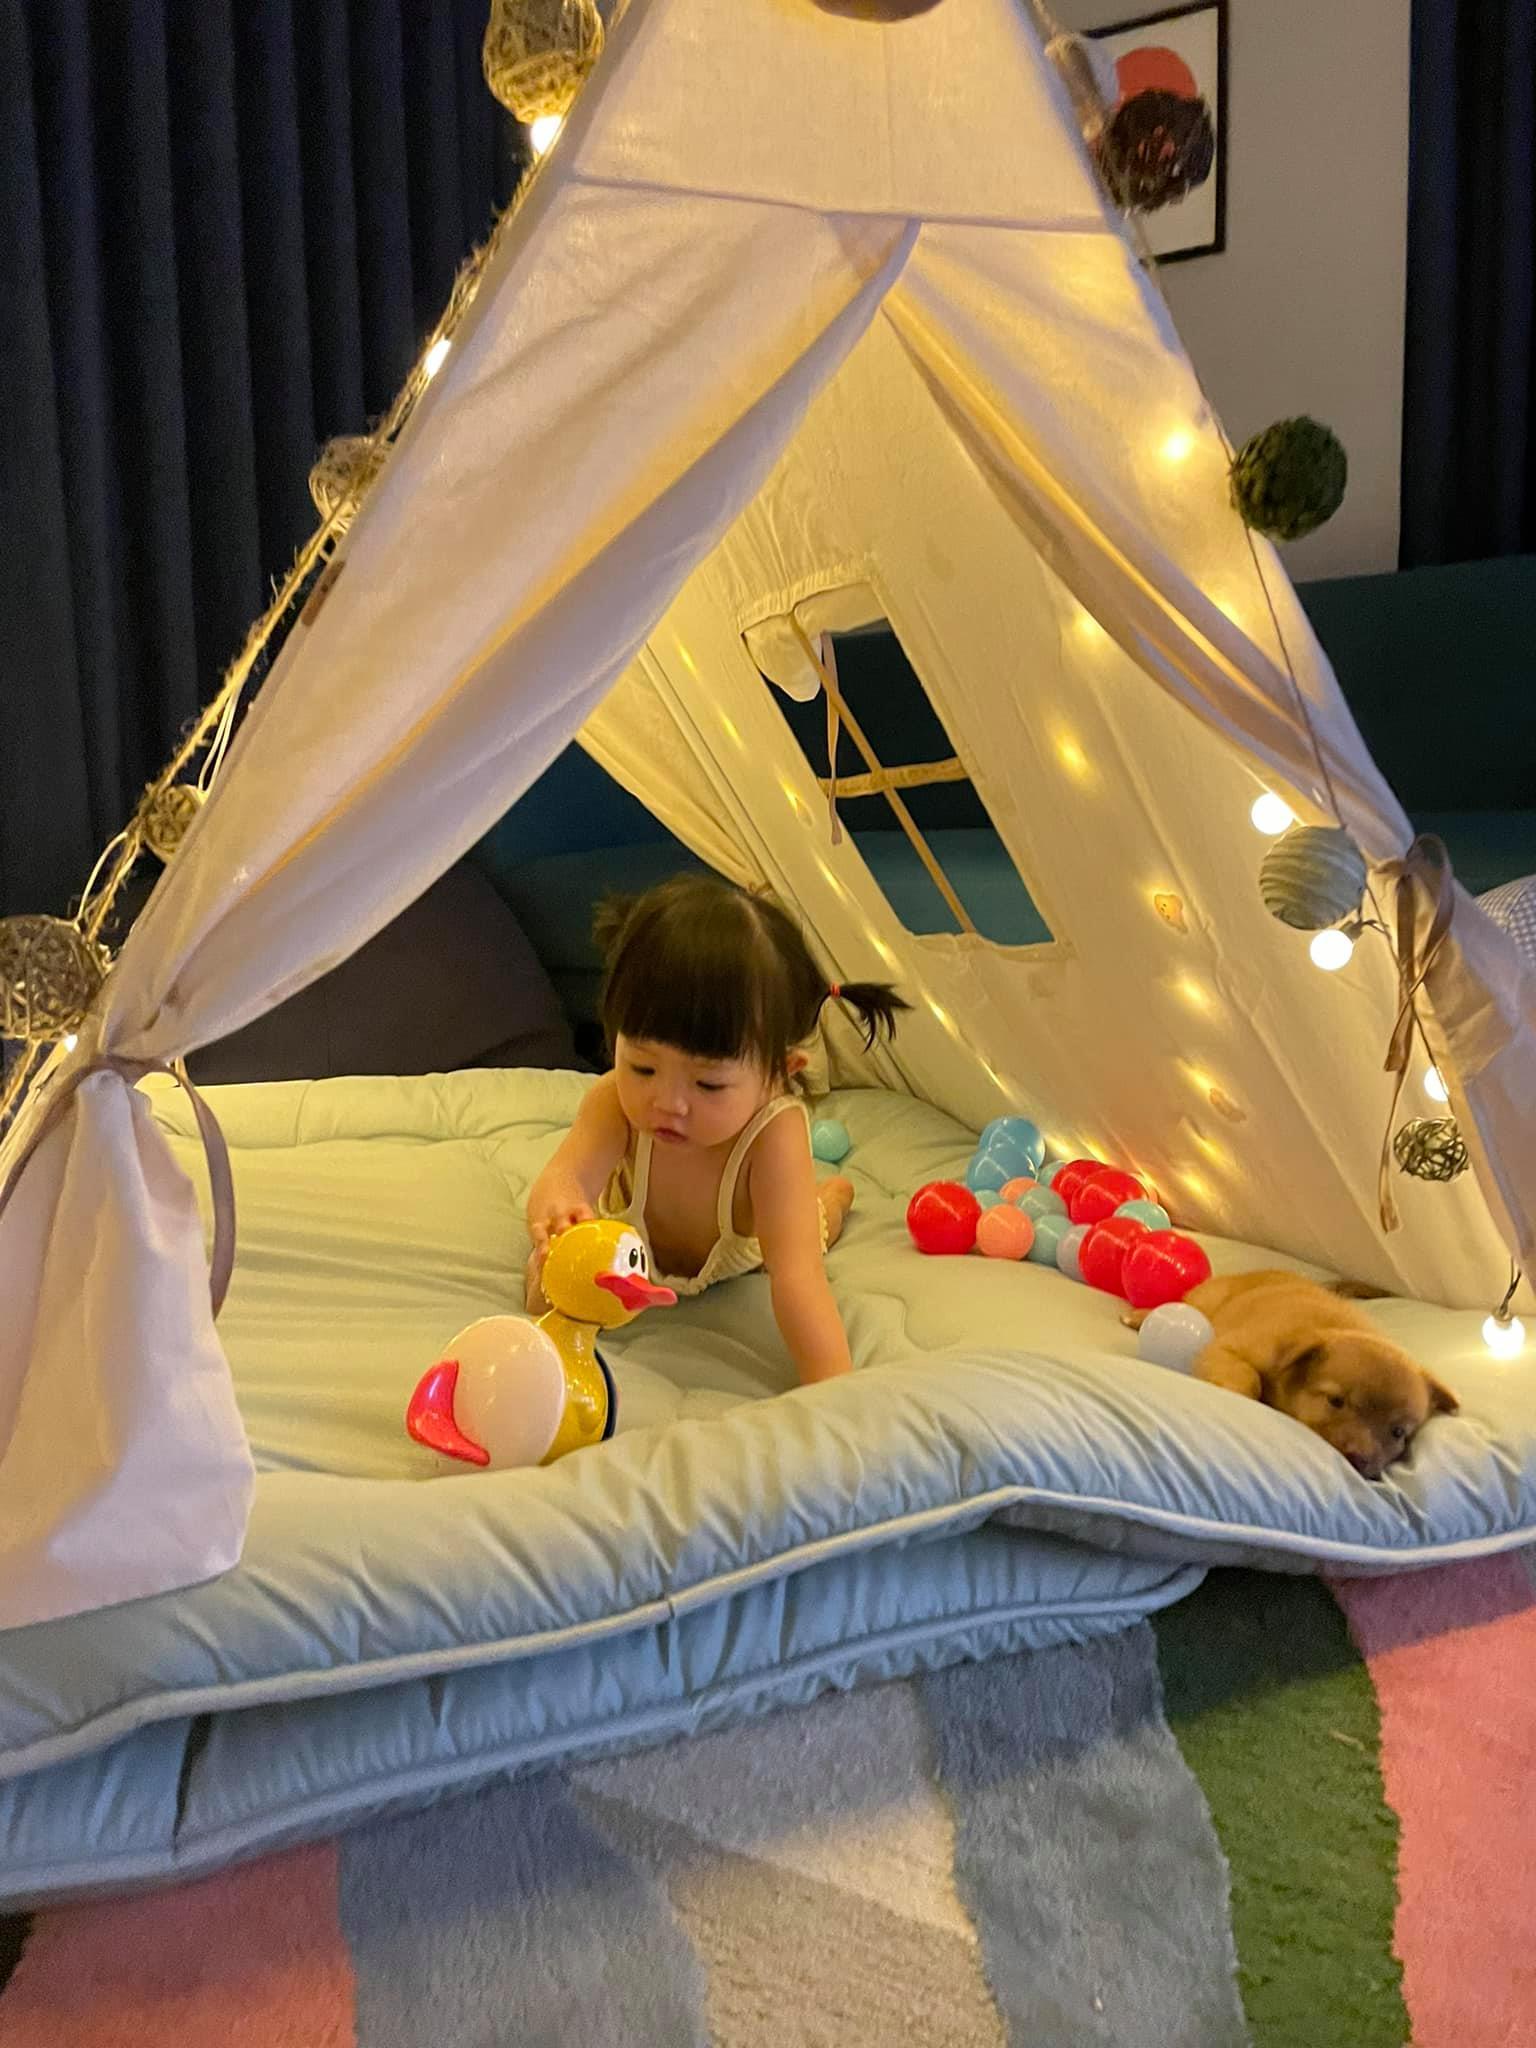 Cường Đôla chọn lều du mục hình chóp làm bằng vải canvas - kiểu lều phổ biến trong các khu cắm trại sống ảo ở Đà Lạt - dàn khung chắc chắn hơn so với các loại lều nhựa bằng vải dù.